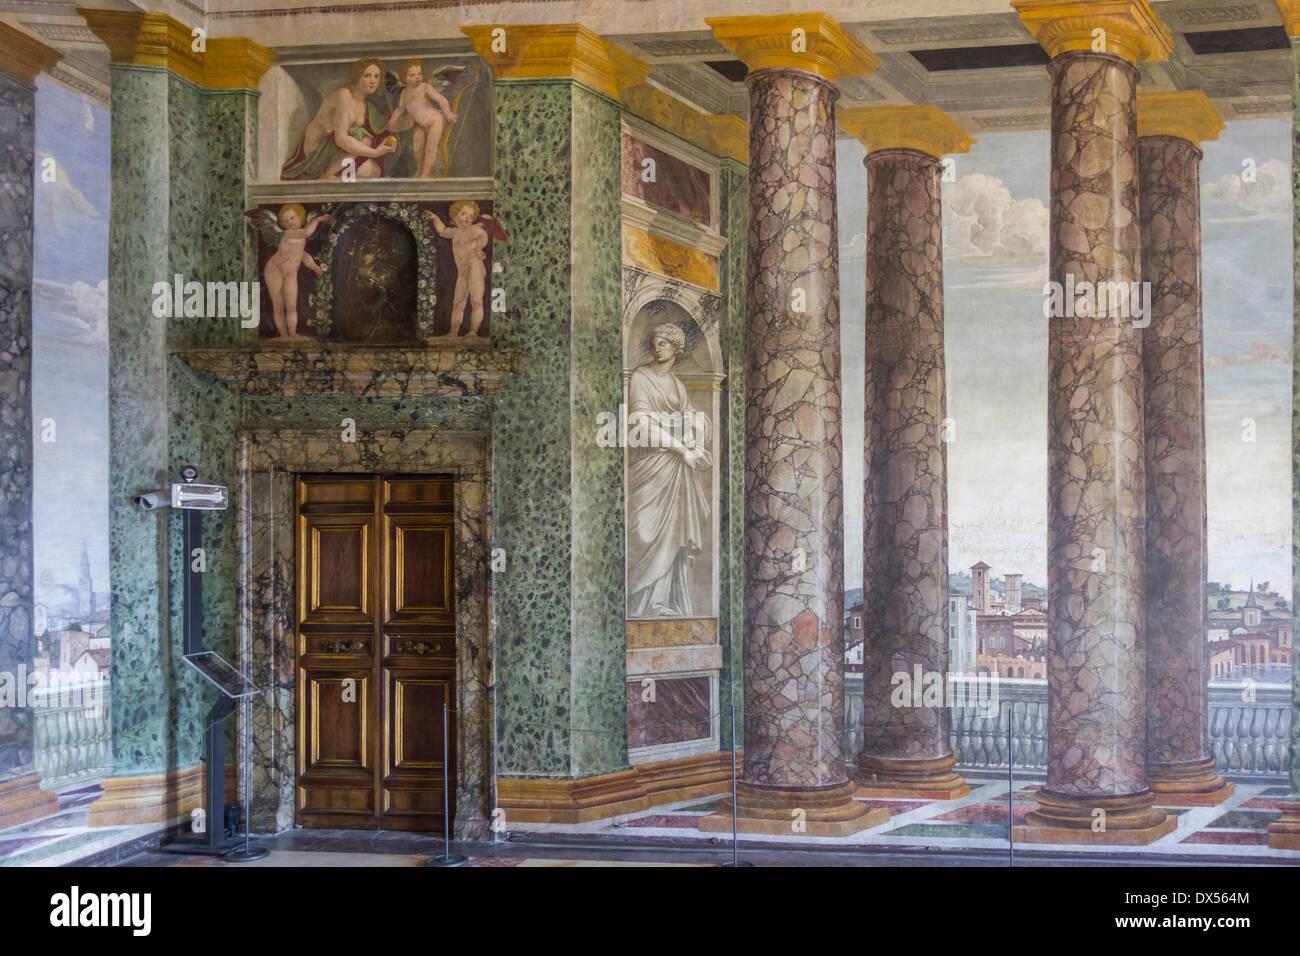 """Prospettive"""" hall, Villa Farnesina, Roma, lazio, Italy Immagini Stock"""